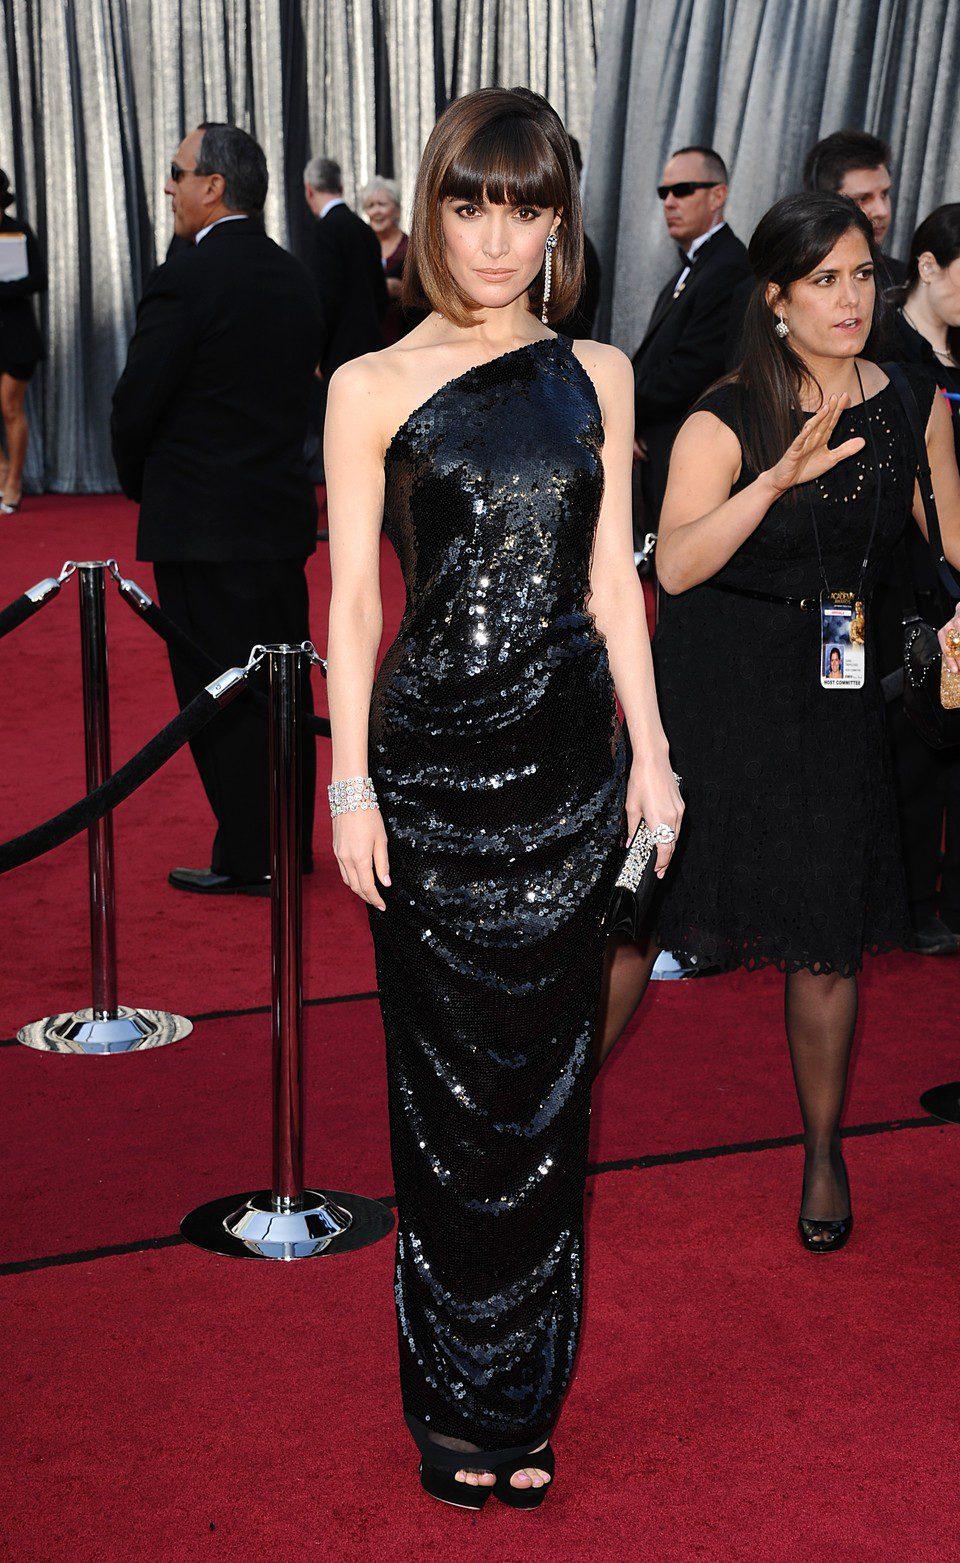 Rose Byrne en la alfombra roja de los Oscar 2012